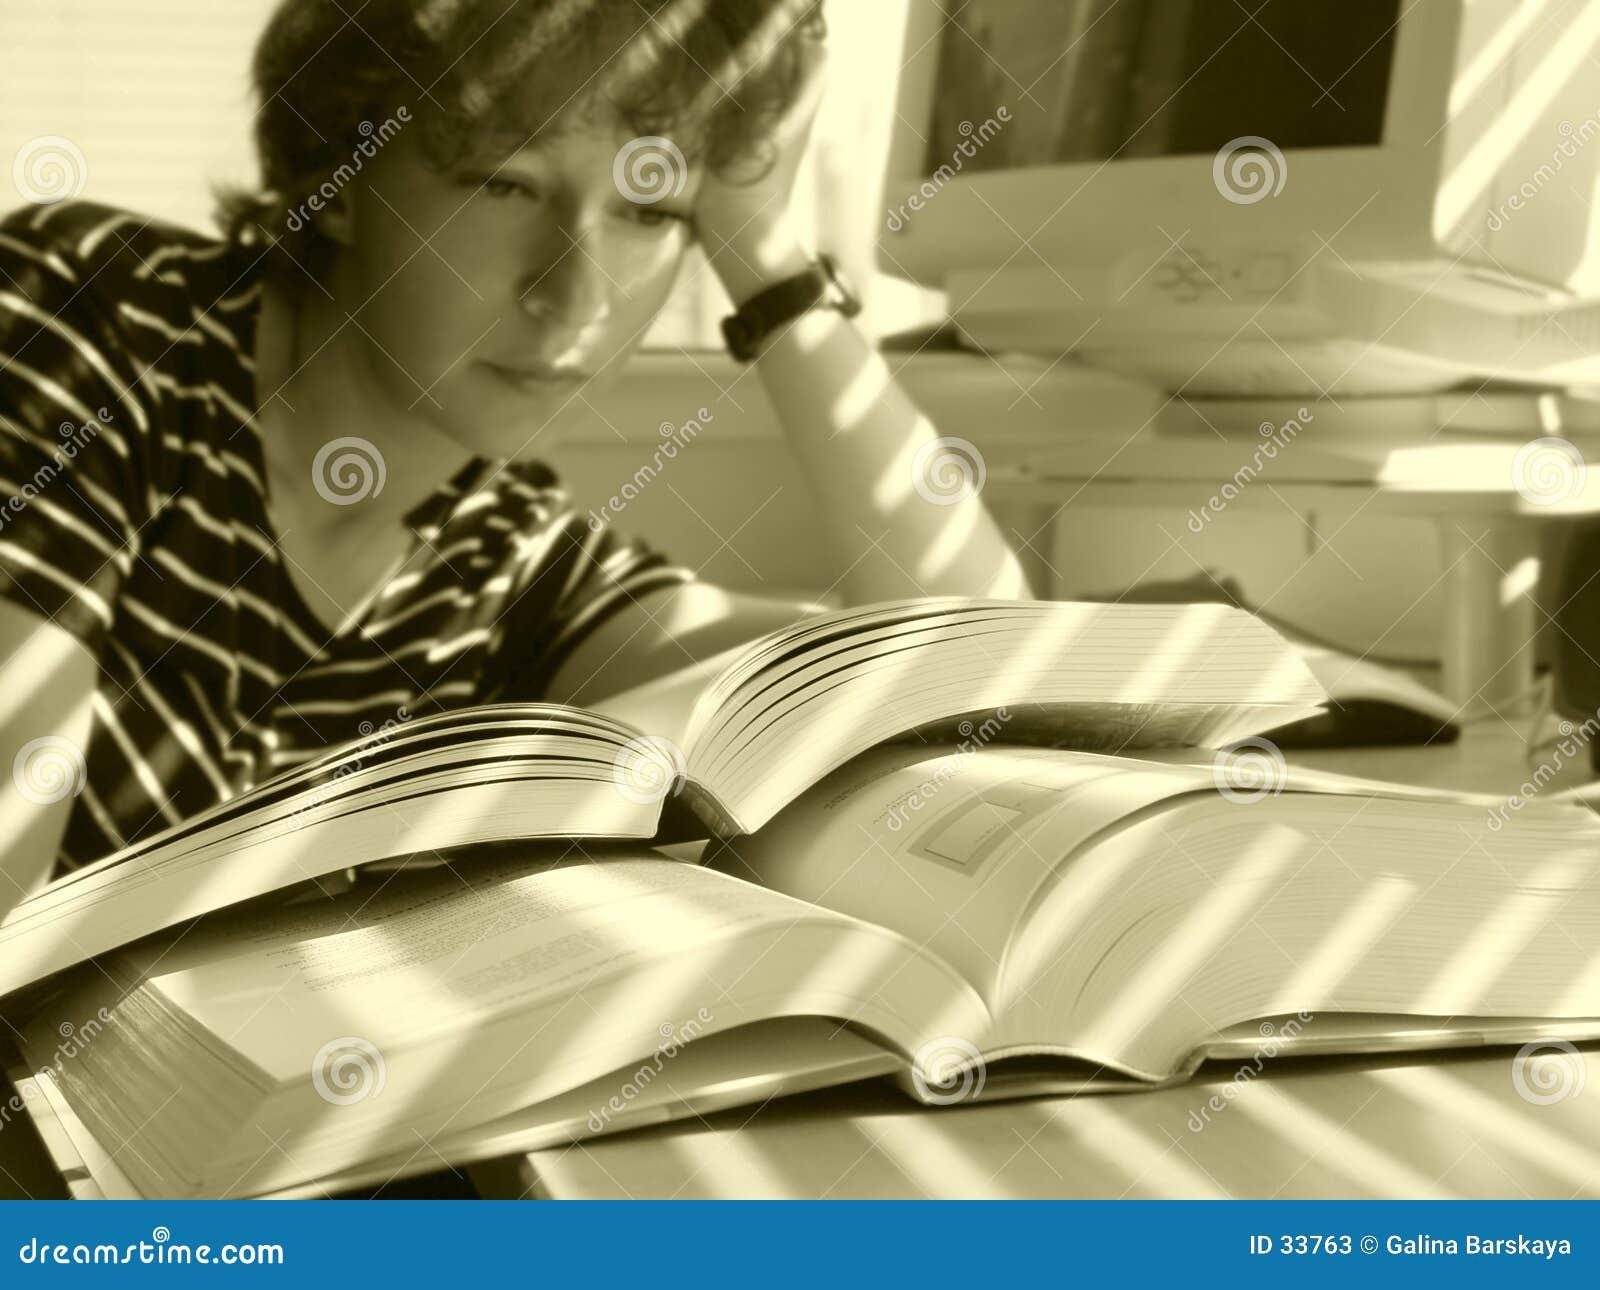 Download Libros grandes imagen de archivo. Imagen de principiante - 33763